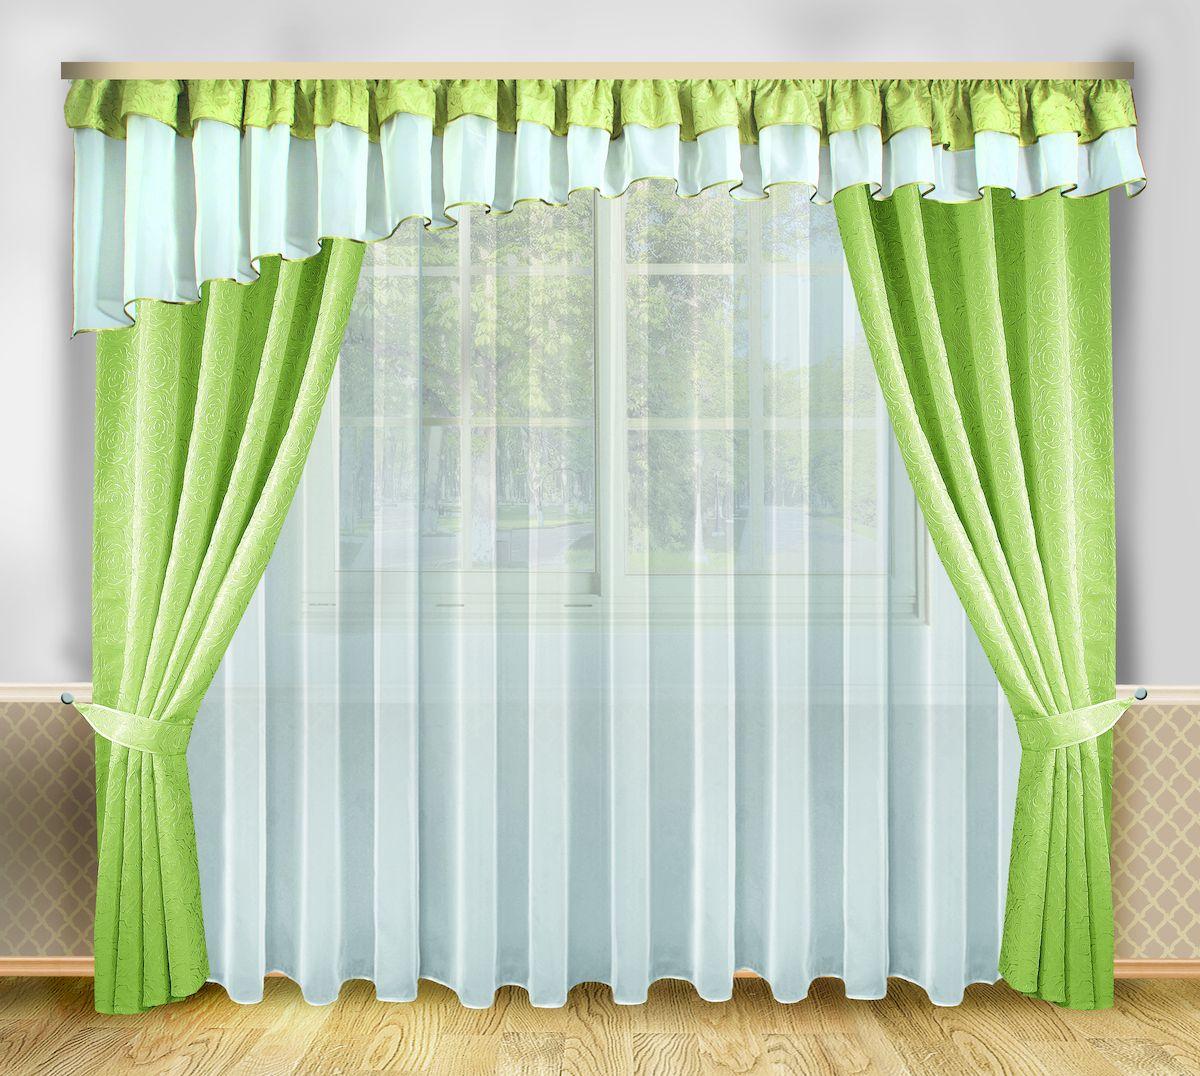 Комплект штор Zlata Korunka, на ленте, цвет: зеленый, белый, высота 250 см. 6665466654Роскошный комплект штор Zlata Korunka, выполненный из полиэстера, великолепно украсит любое окно. Комплект состоит из тюля, ламбрекена, двух штор и двух подхватов. Изящный узор и приятная цветовая гамма привлекут к себе внимание и органично впишутся в интерьер помещения. Этот комплект будет долгое время радовать вас и вашу семью! Комплект крепится на карниз при помощи ленты, которая поможет красиво и равномерно задрапировать верх. В комплект входит: Тюль: 1 шт. Размер (Ш х В): 400 см х 250 см. Ламбрекен: 1 шт. Размер (Ш х В): 560 см х 70 см. Штора: 2 шт. Размер (Ш х В): 138 см х 250 см. Подхват: 2 шт.